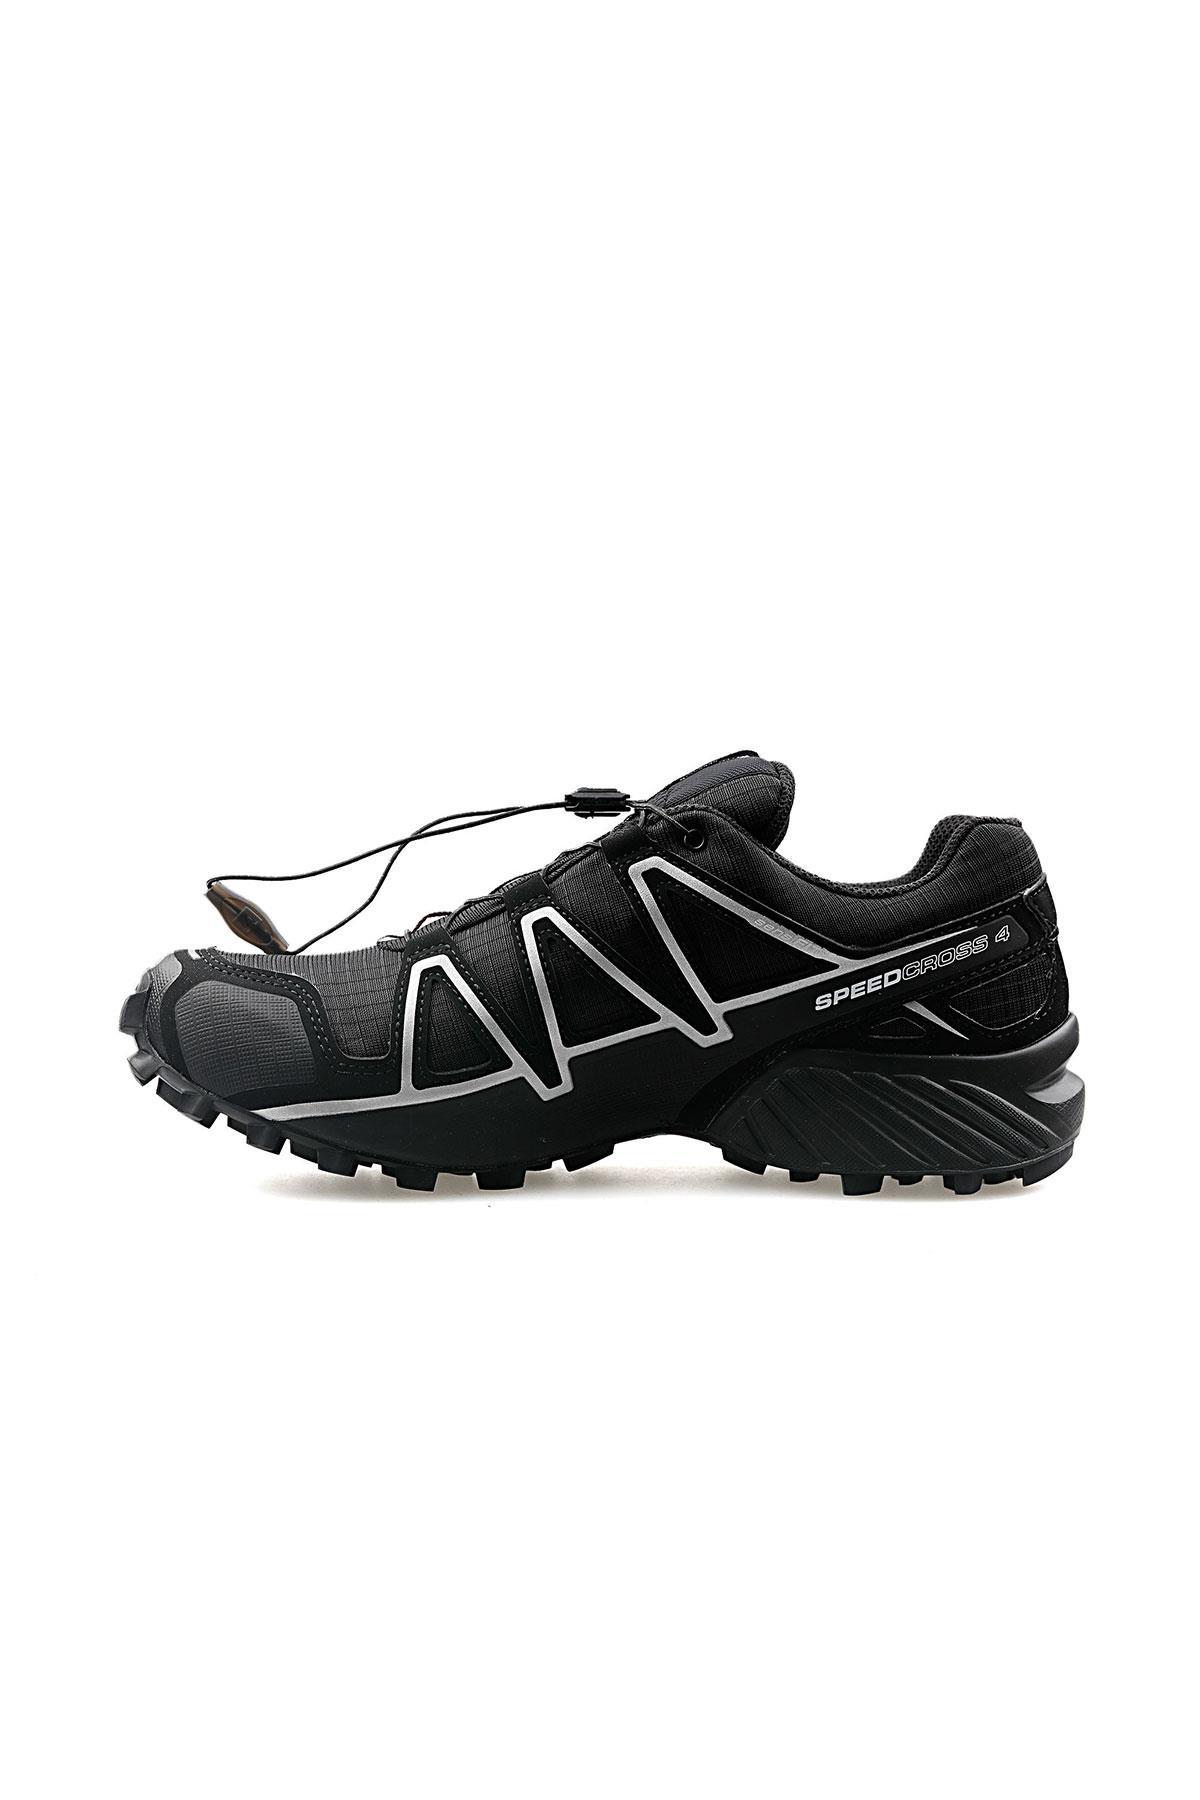 Salomon Speedcrocss 4 Goretex  Koşu Ayakkabı